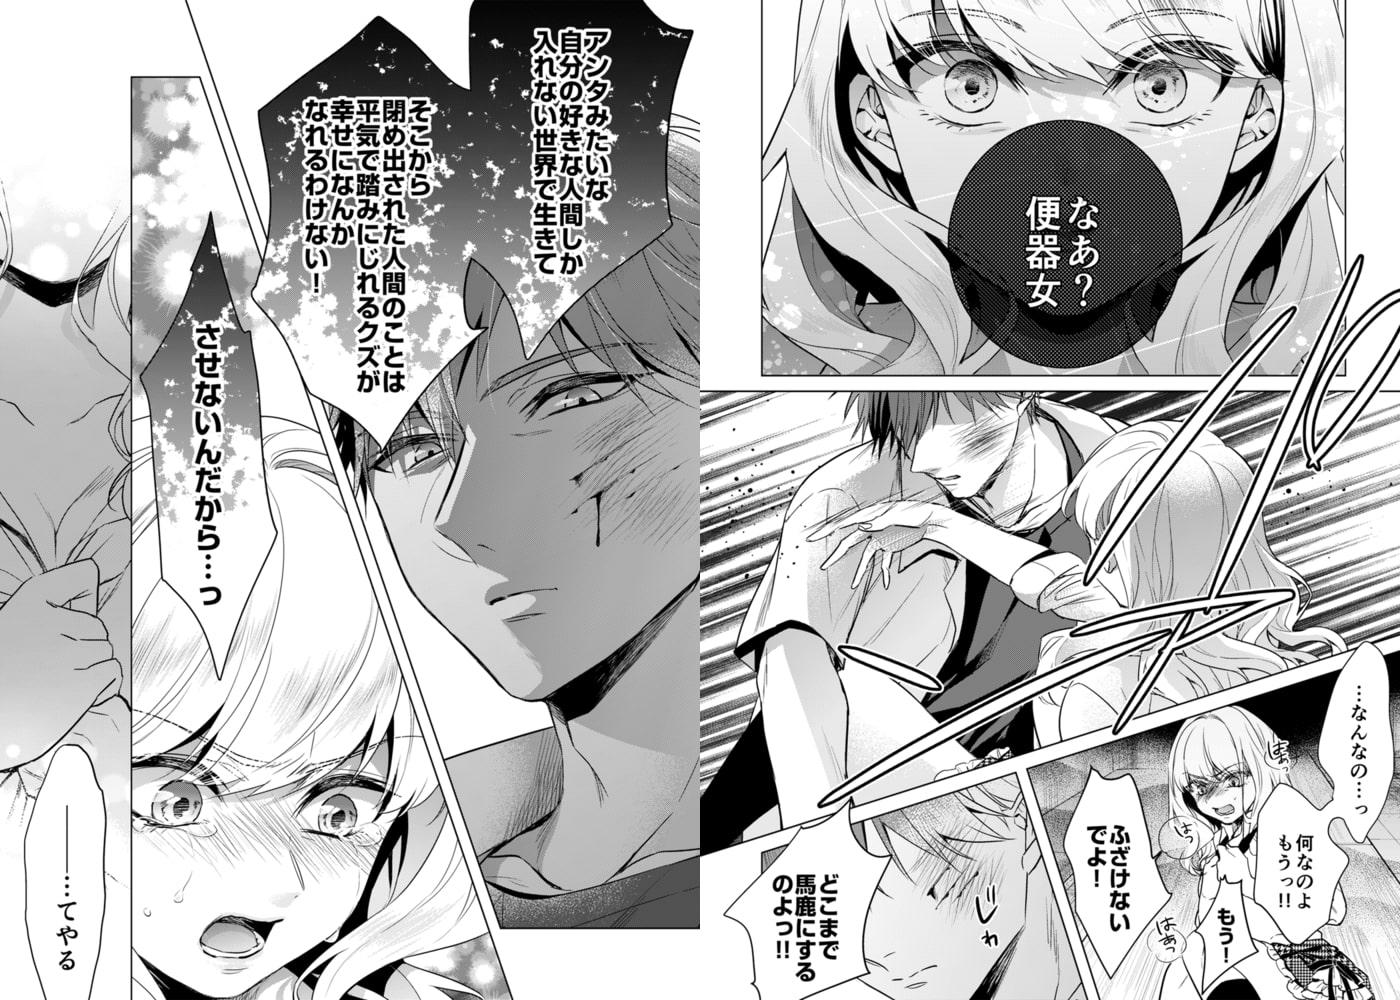 【イジメラレ〜「女」の僕と飼い主3人〜 23話】サンプル画像3